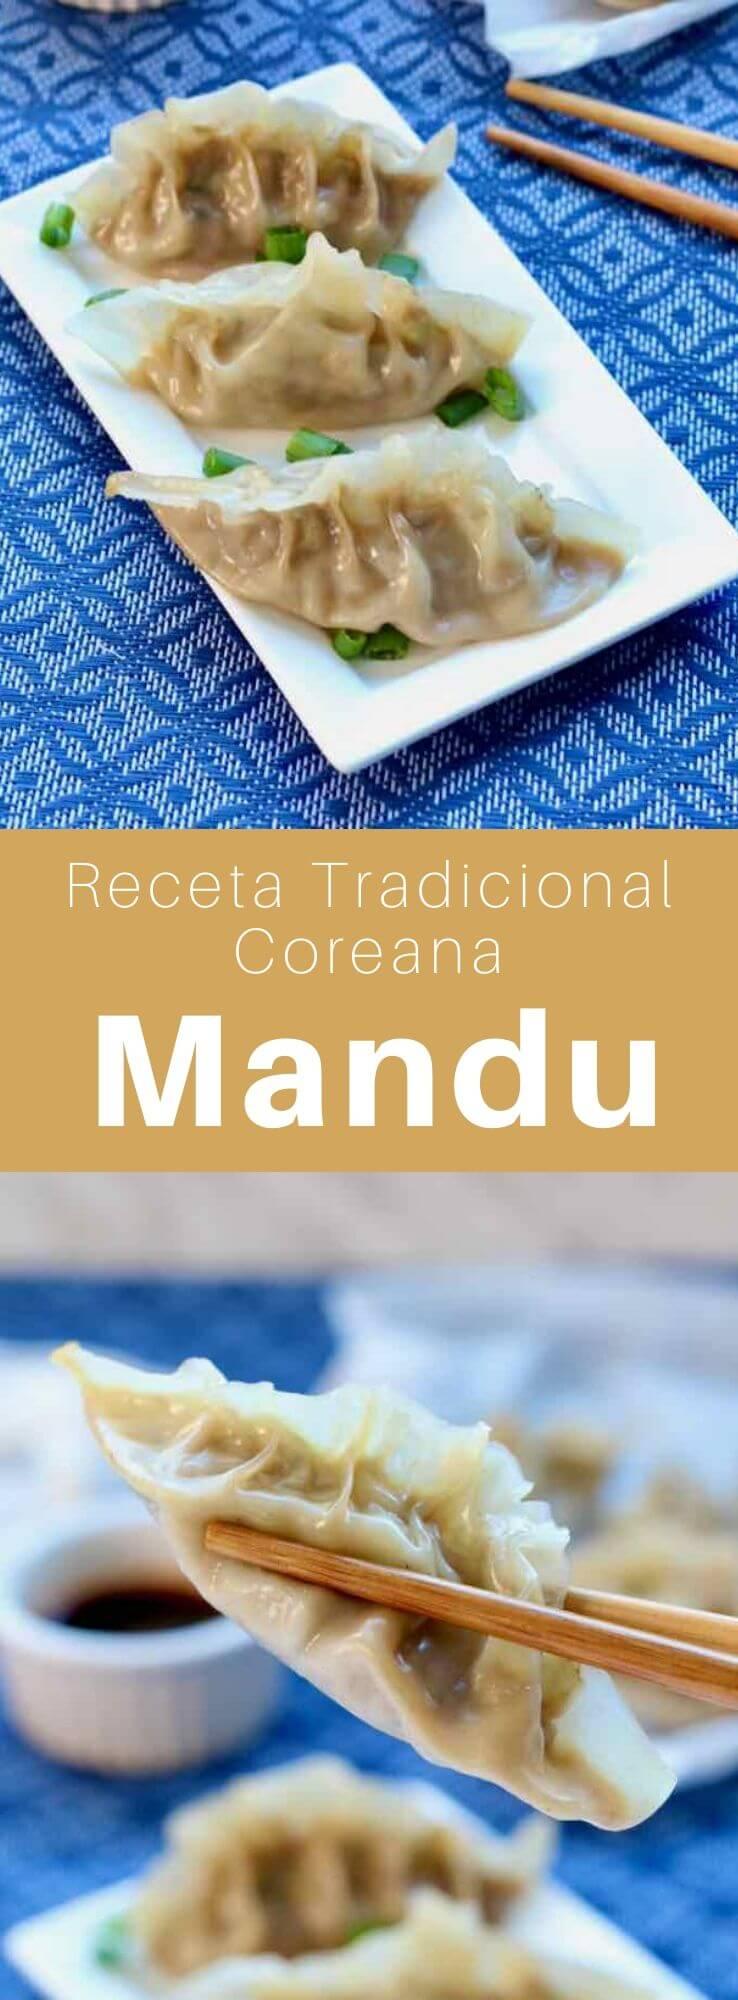 Los mandu (만두) son dumplings de Corea que pueden hervirse, cocerse al vapor o freírse. Son una variante de los jiaozi chinos.